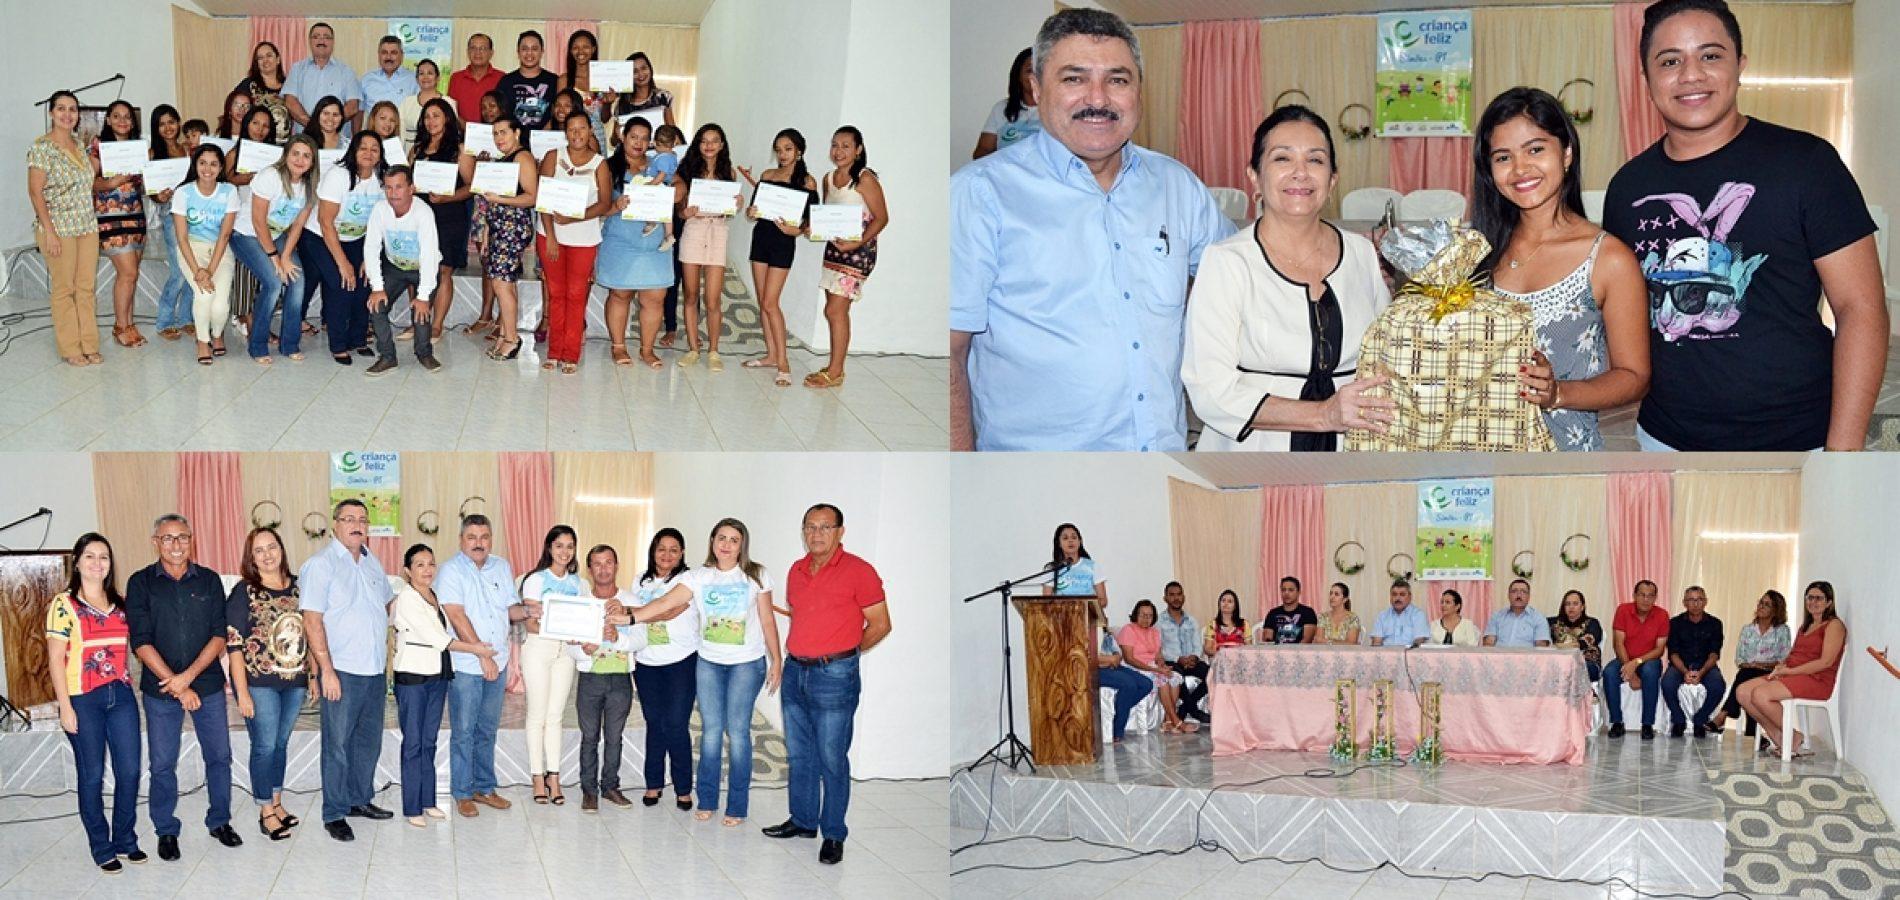 Assistência Social de Simões promove oficina de beleza para mães do programa Criança Feliz